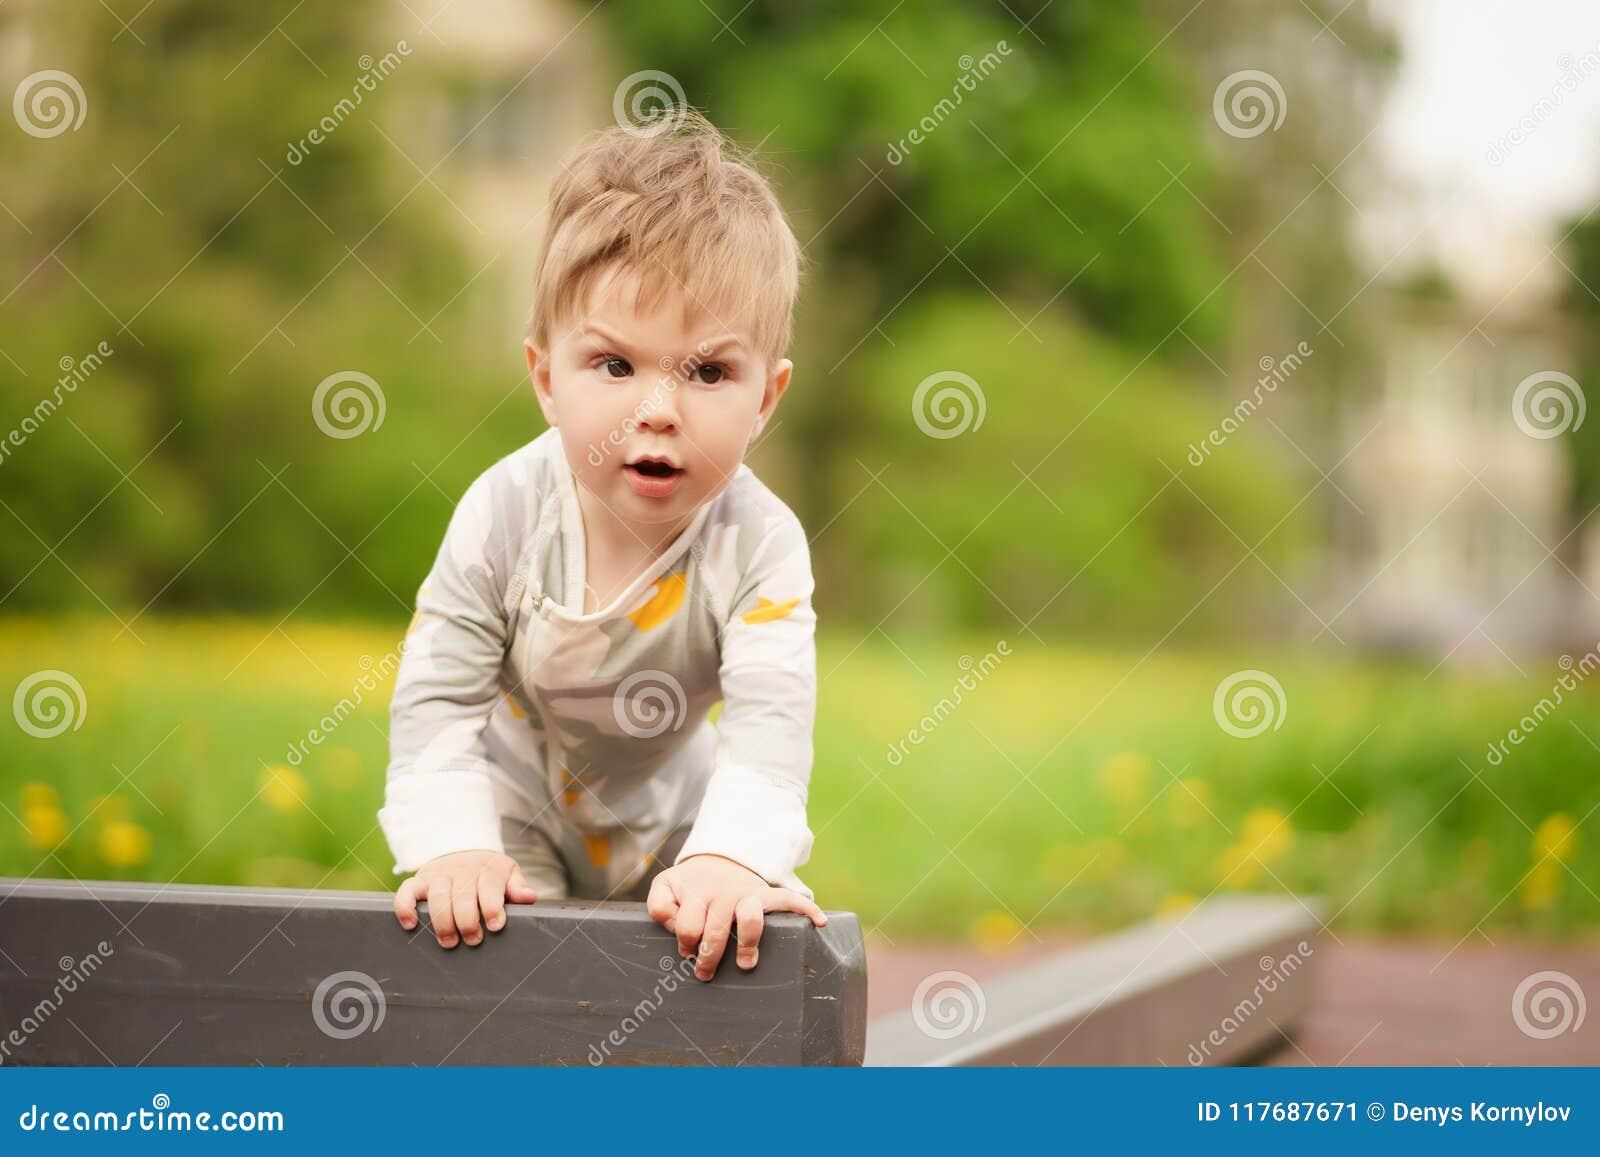 Juego Adorable Del Bebe En El Patio Al Aire Libre Con La Cara Seria